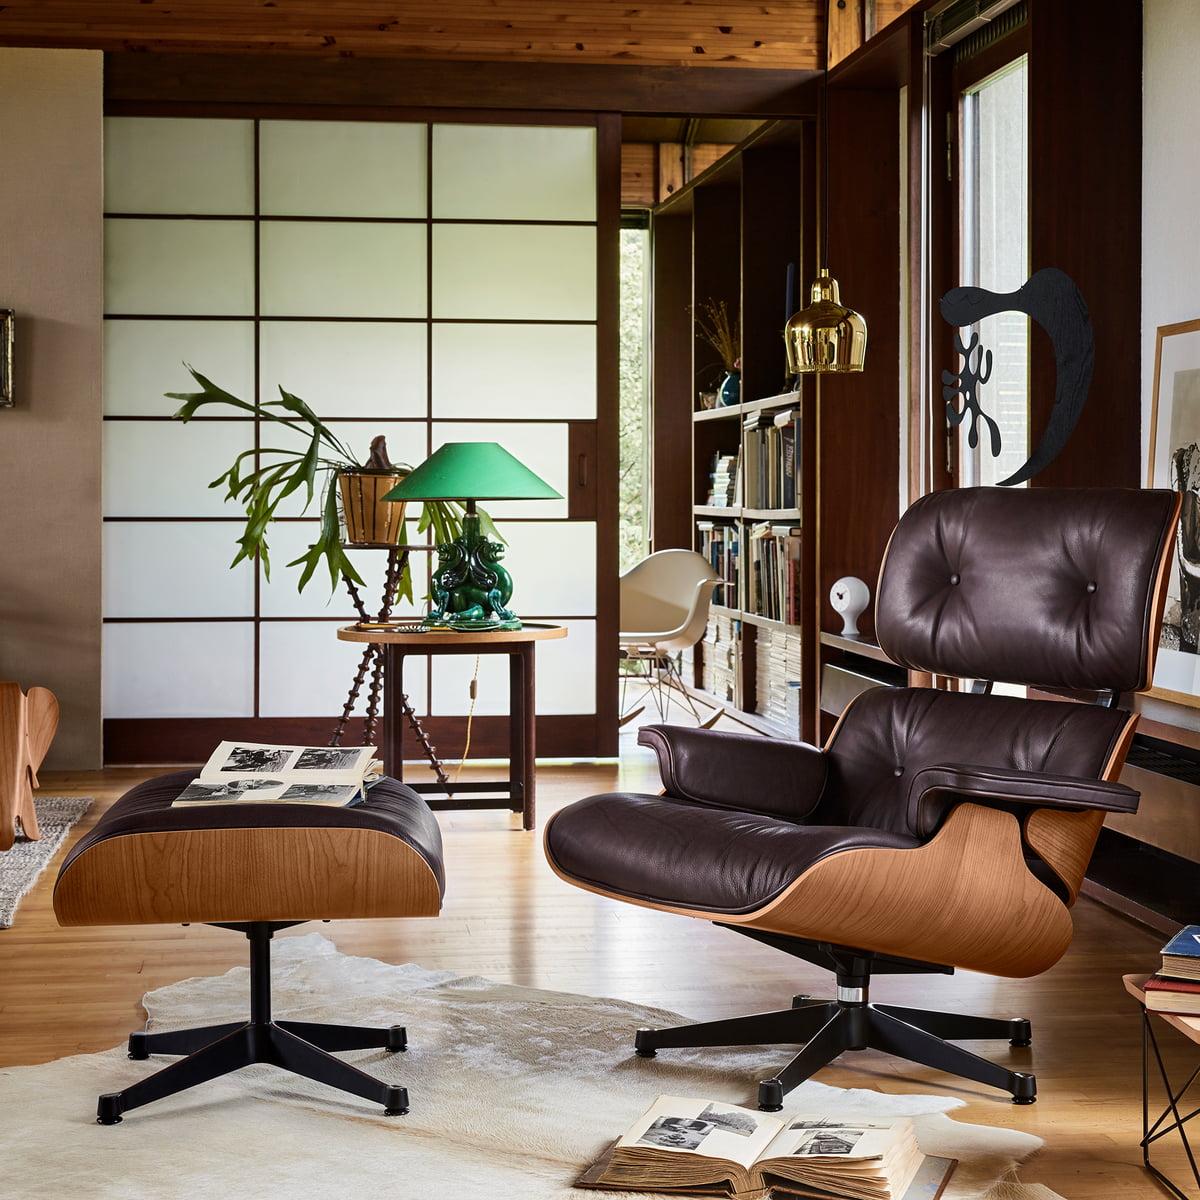 Vitra Lounge Chair Ottoman Poliert Seiten Schwarz Amerik Kirschbaum Chocolate Klassisch